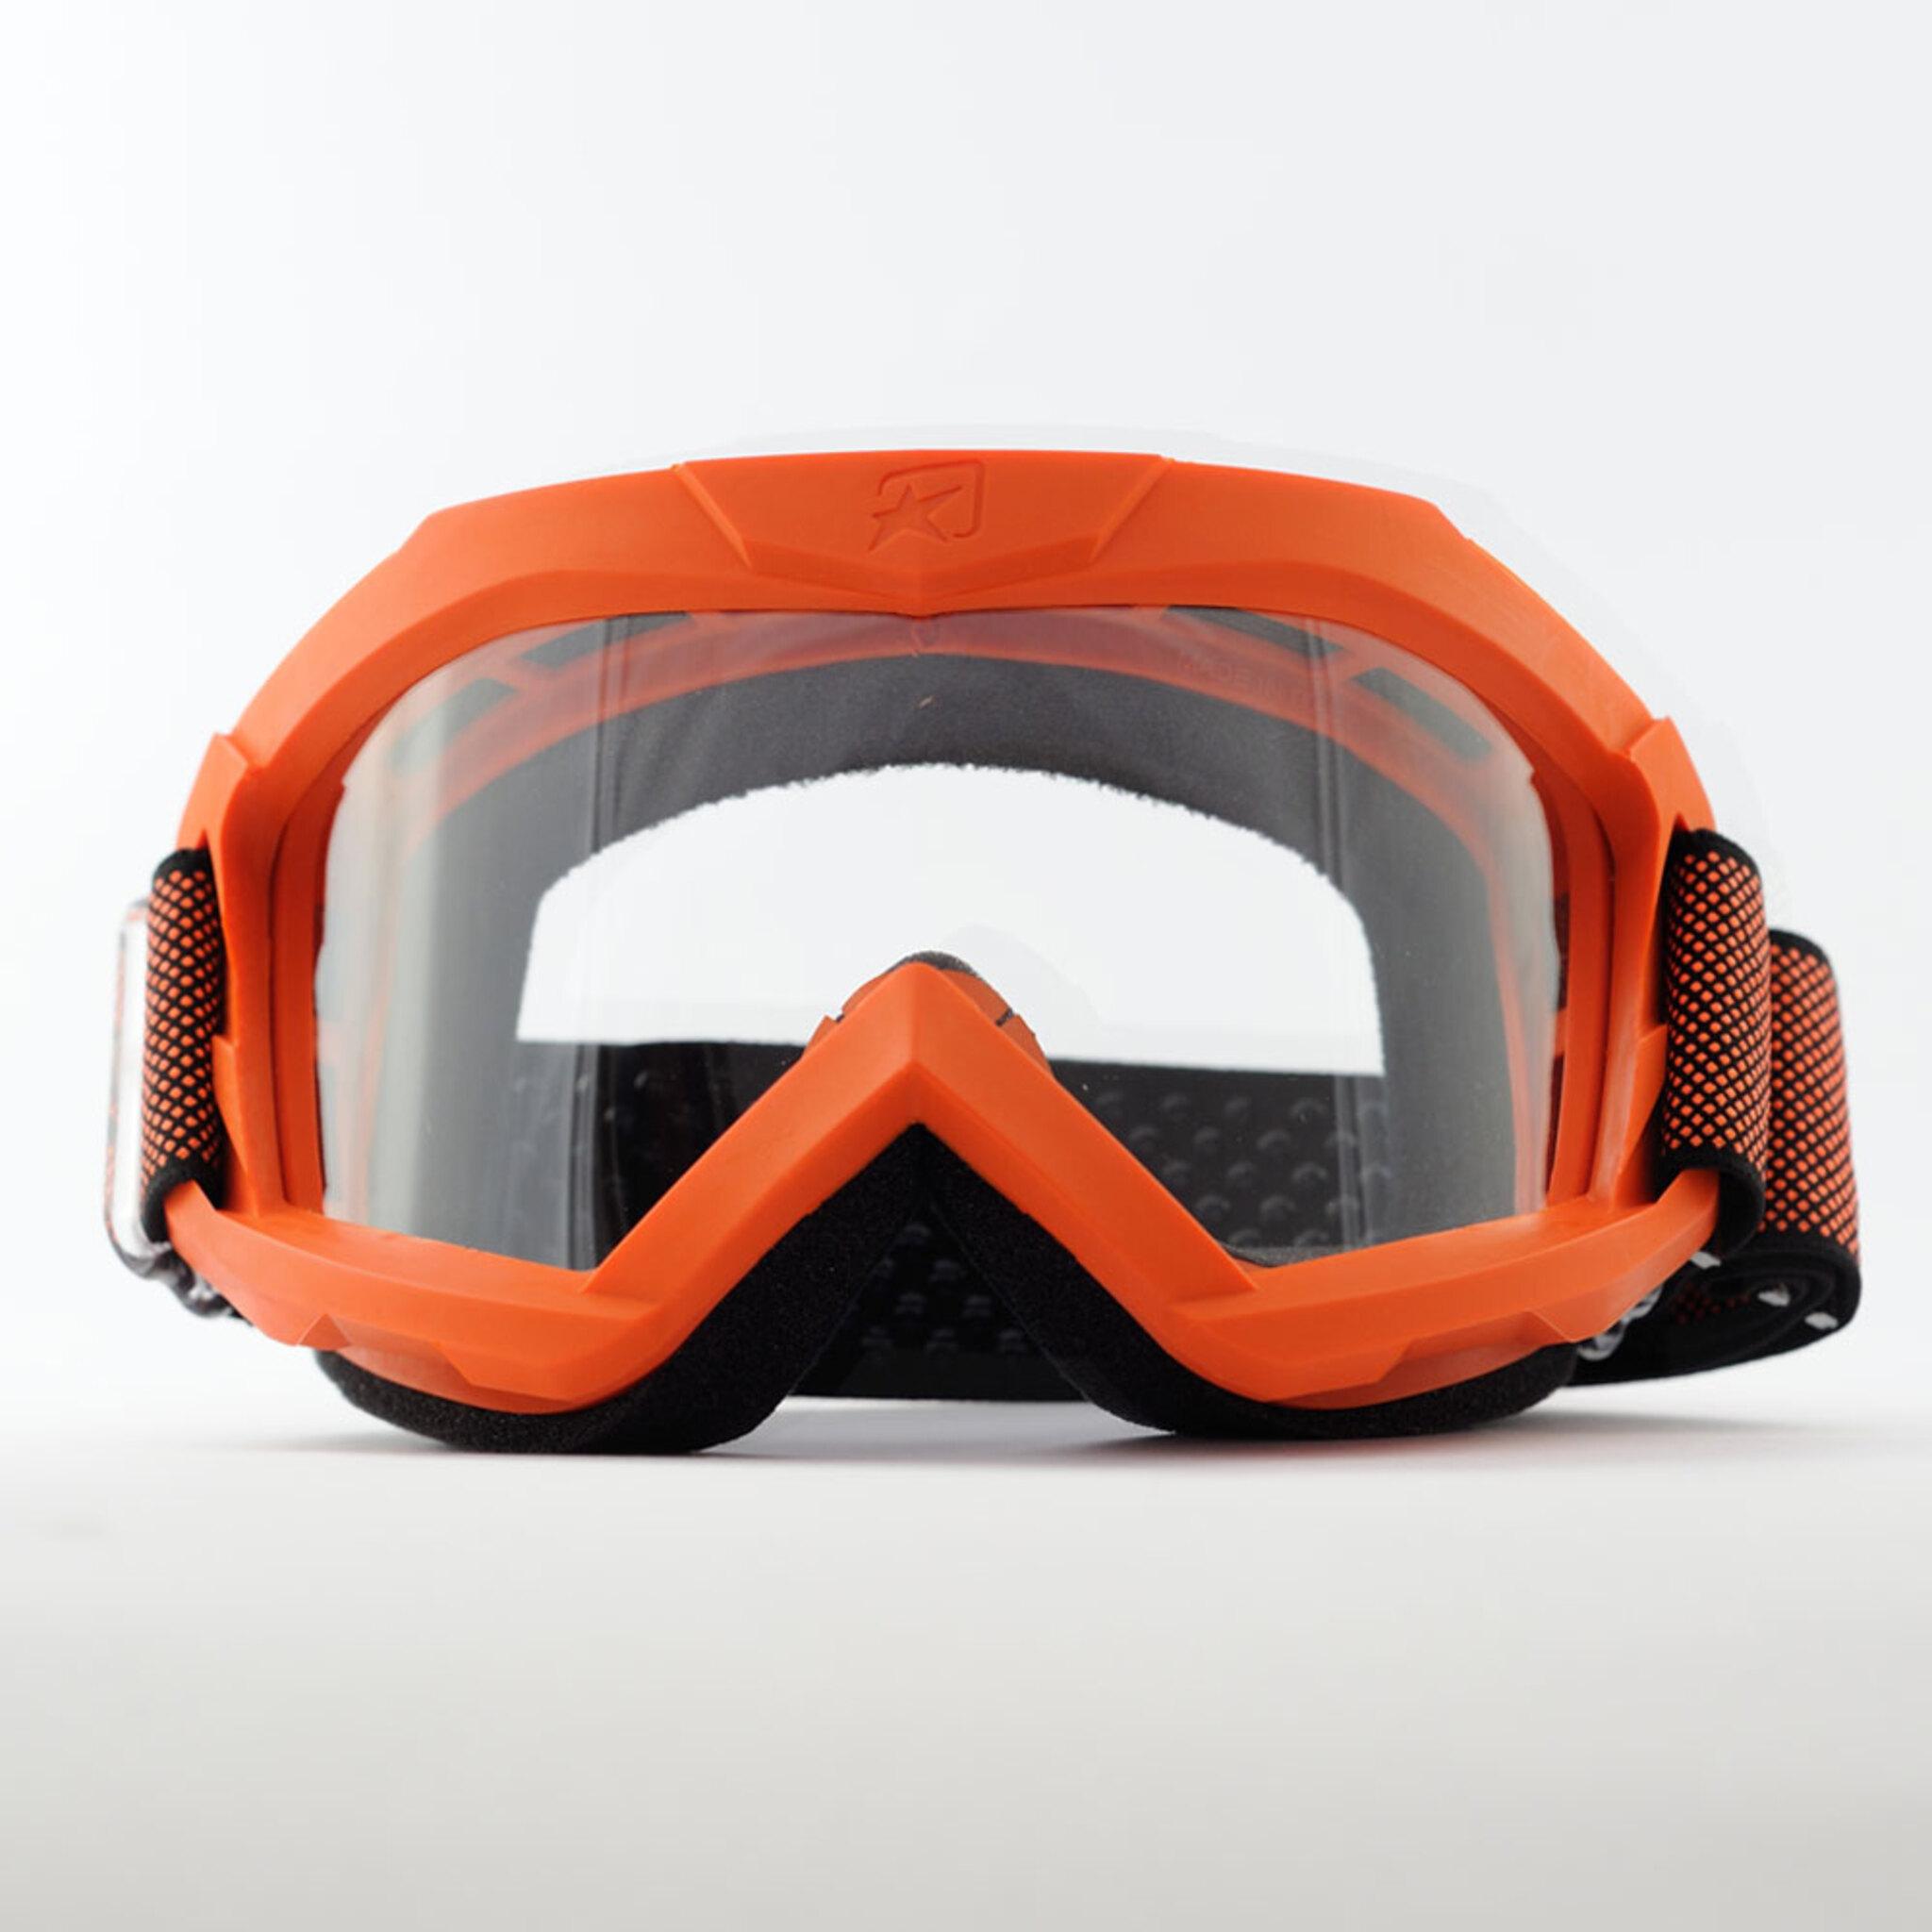 Маска кроссовая Ariete 07 Next Gen 2021, оранжевый, прозрачная линзы